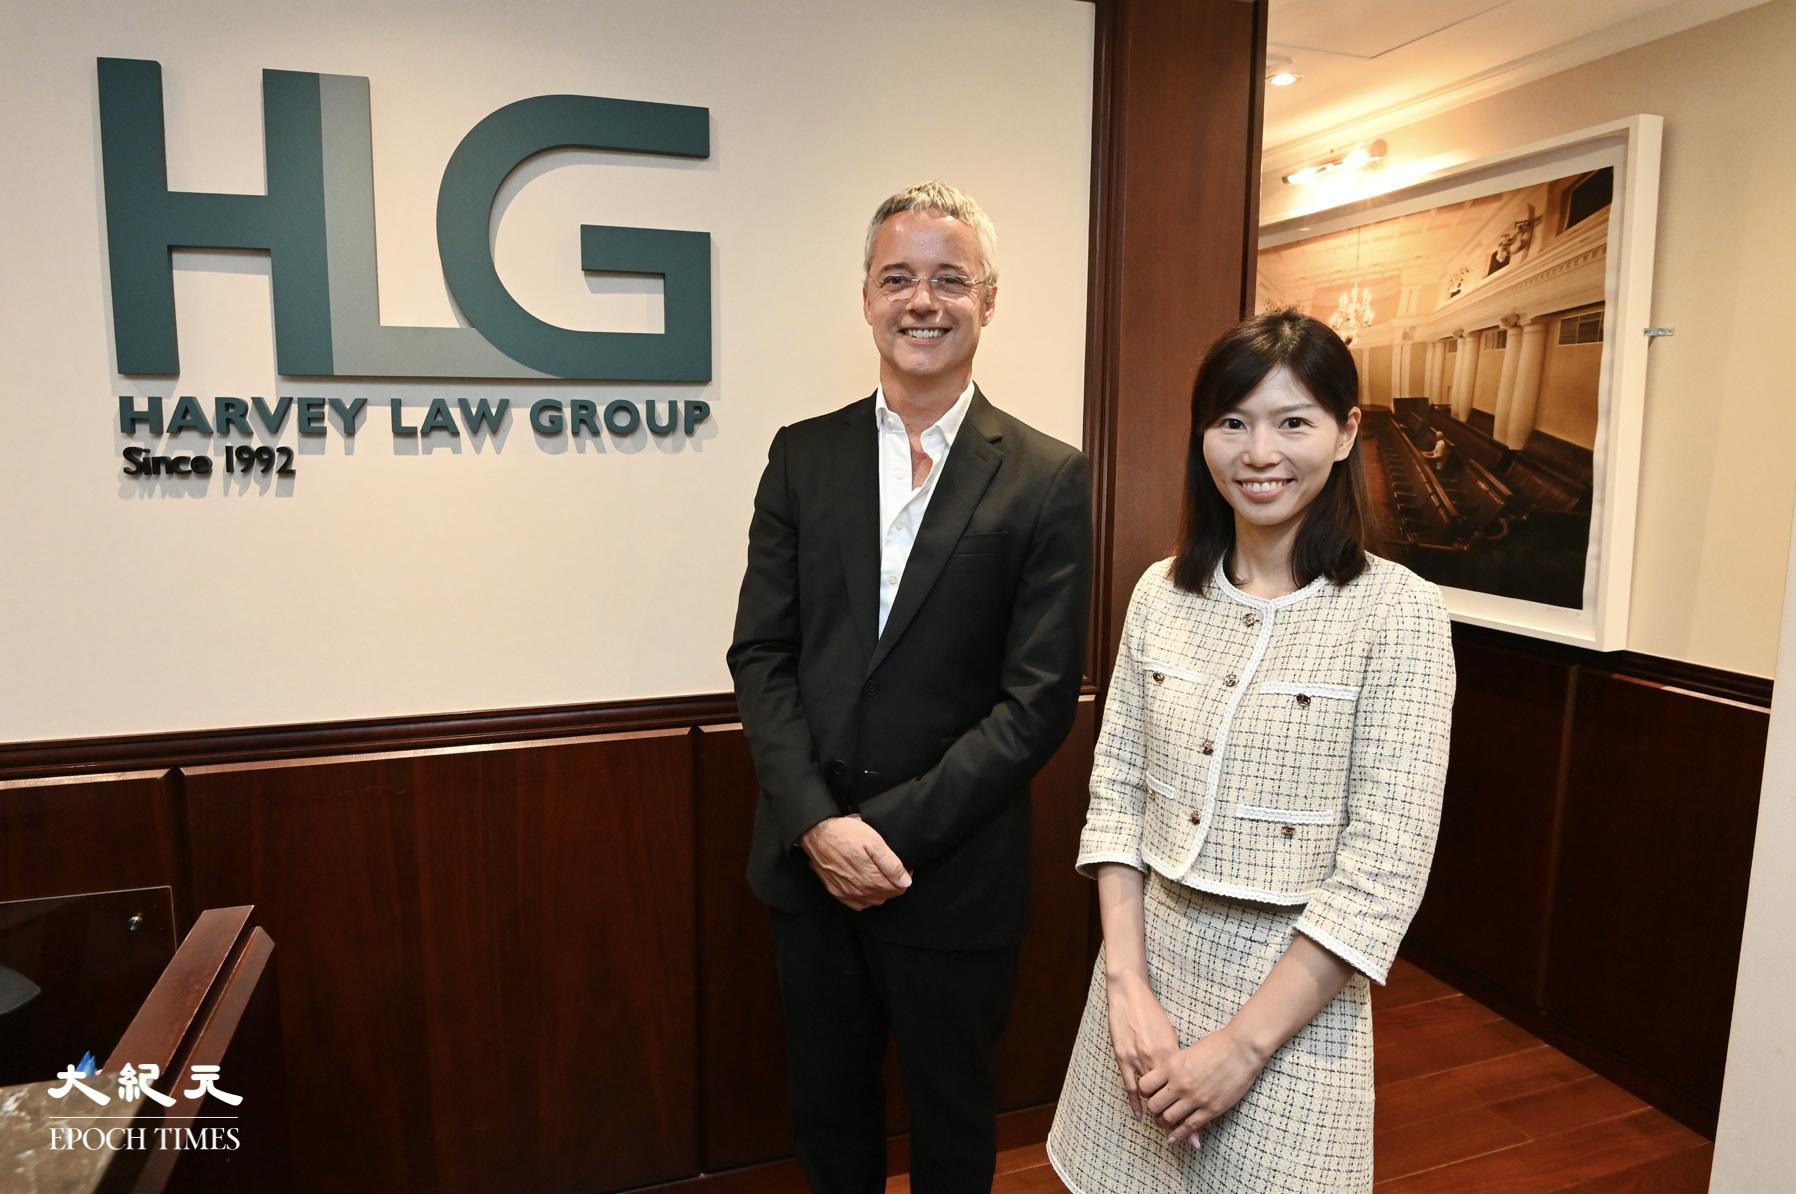 哈維法律集團全球管理合夥人Jean-François Harvey(左)於16日記者會表示,移民需求持續處於高位,且家庭客戶趨向年輕化。(宋碧龍/大紀元)